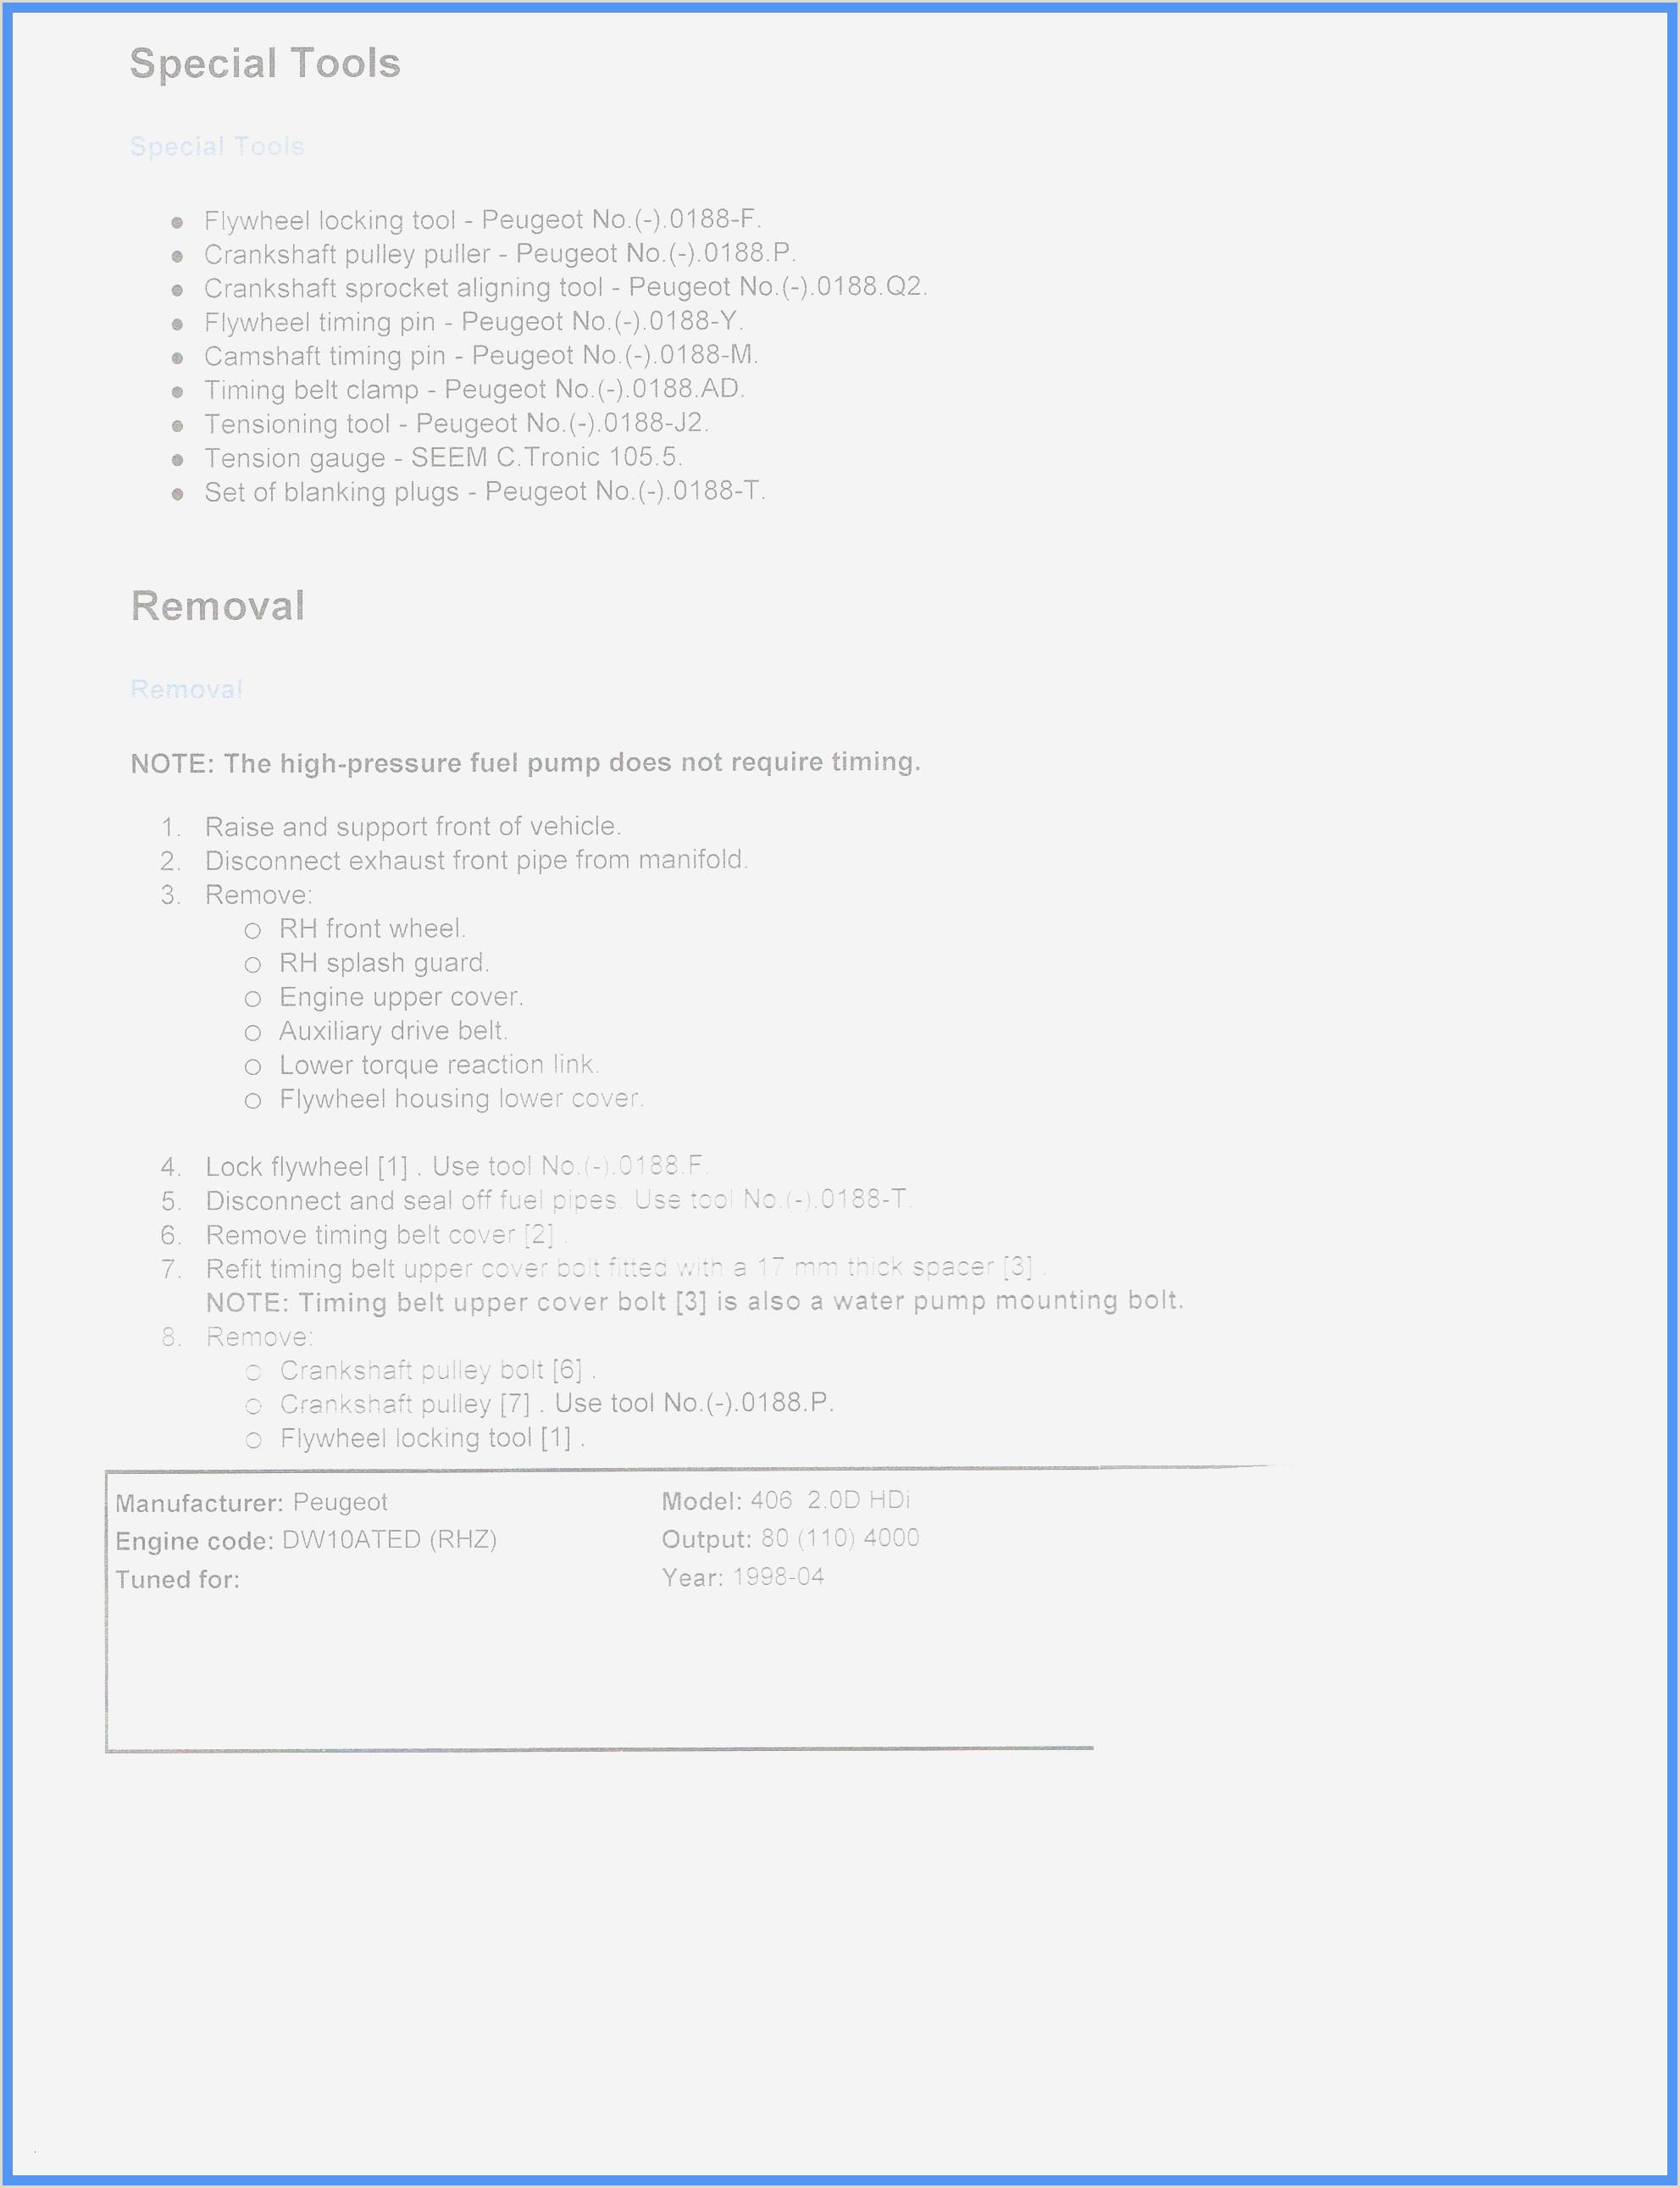 Lebenslauf Anschreiben Muster Word Deckblatt Bewerbung Vorlage Kostenlos Neu Anschreiben